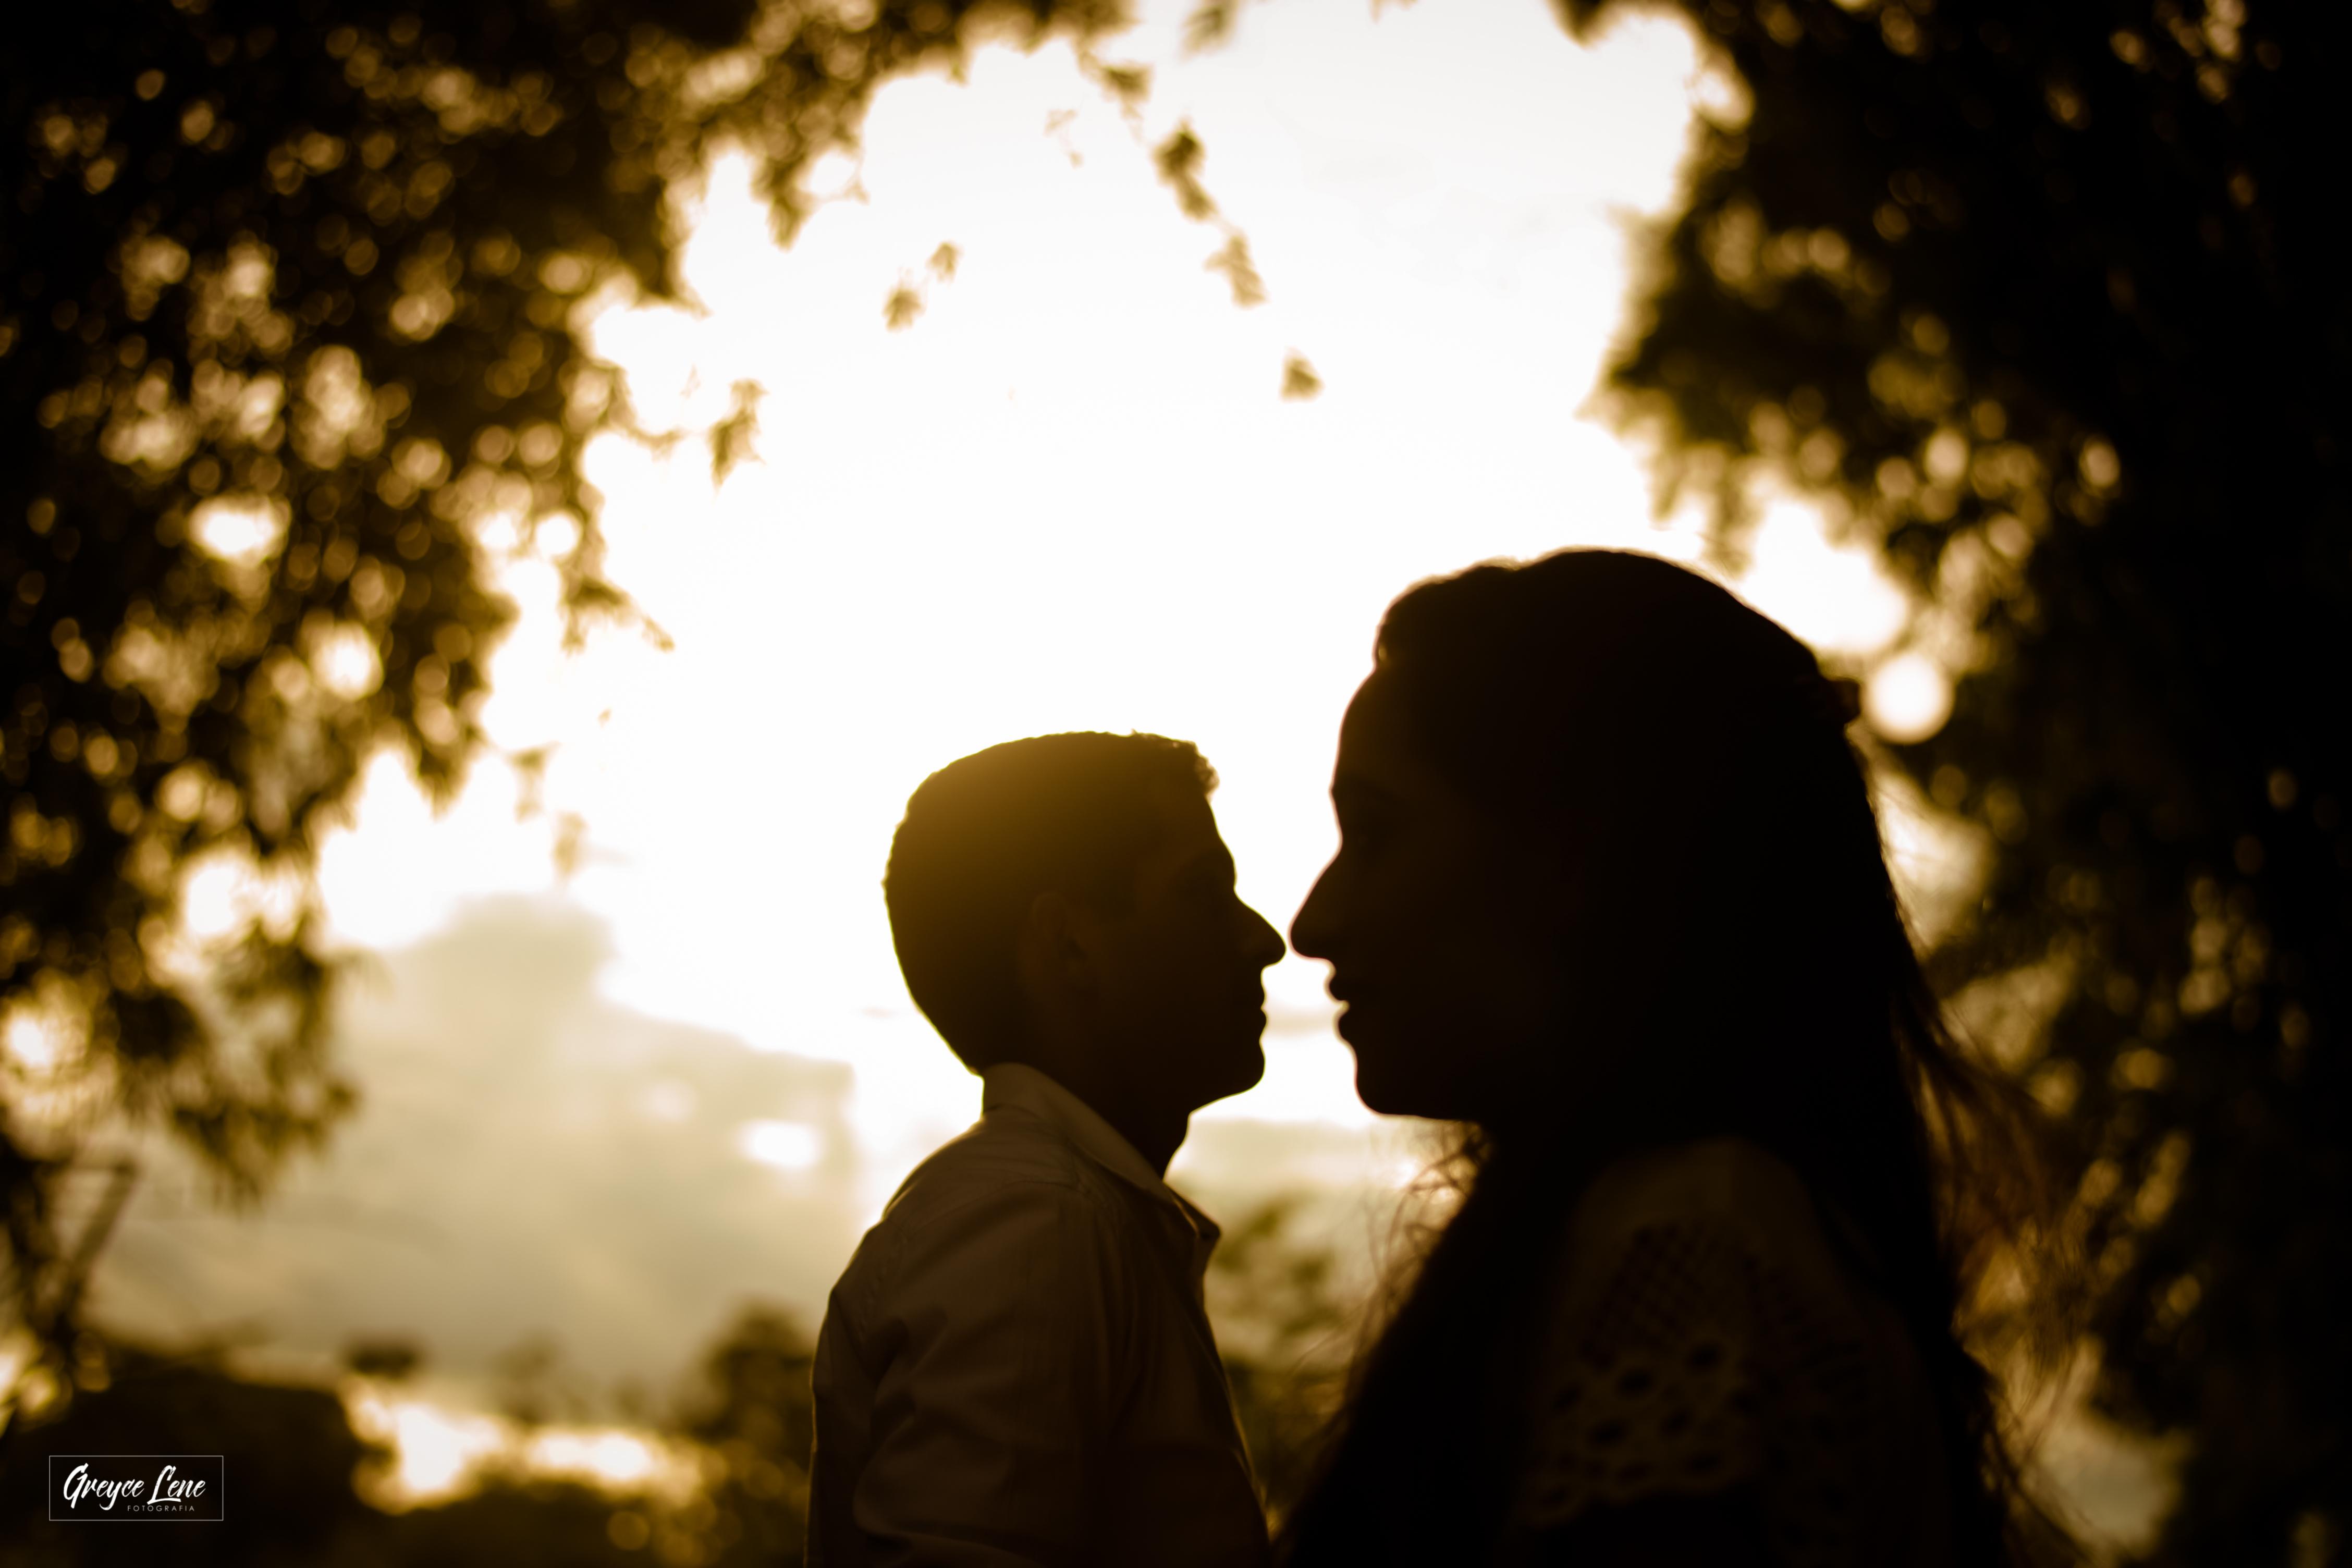 Contate Greyce Lene - Fotógrafa de Casamentos e Familias em Porto Velho RO